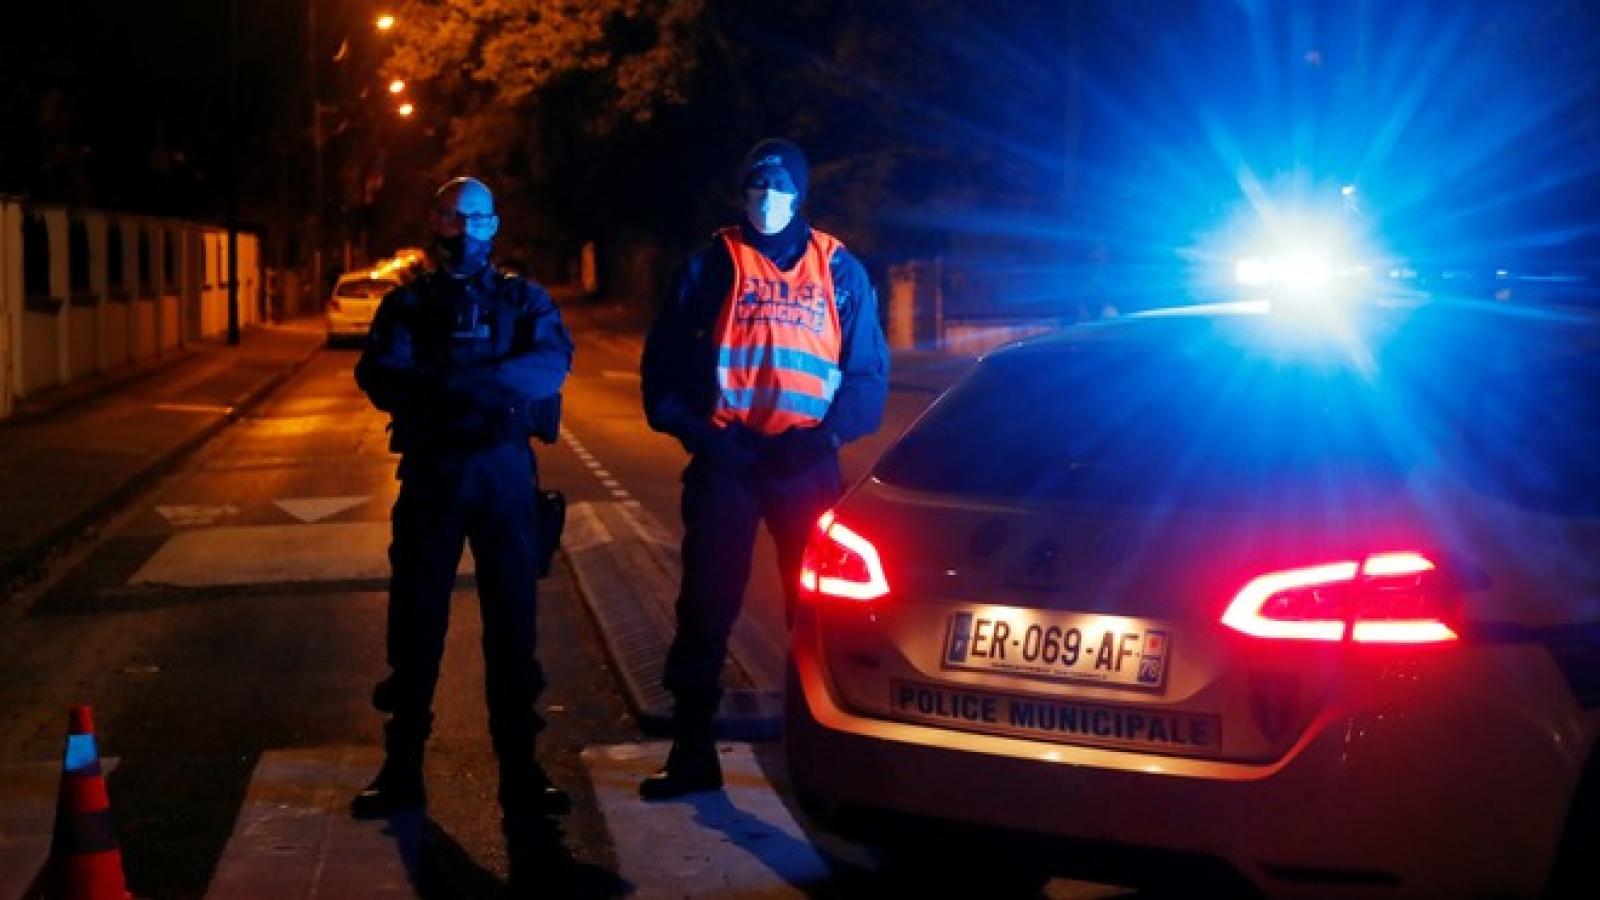 Cảnh sát Pháp tạm giữ 4 người liên quan tới vụ tấn công khủng bố